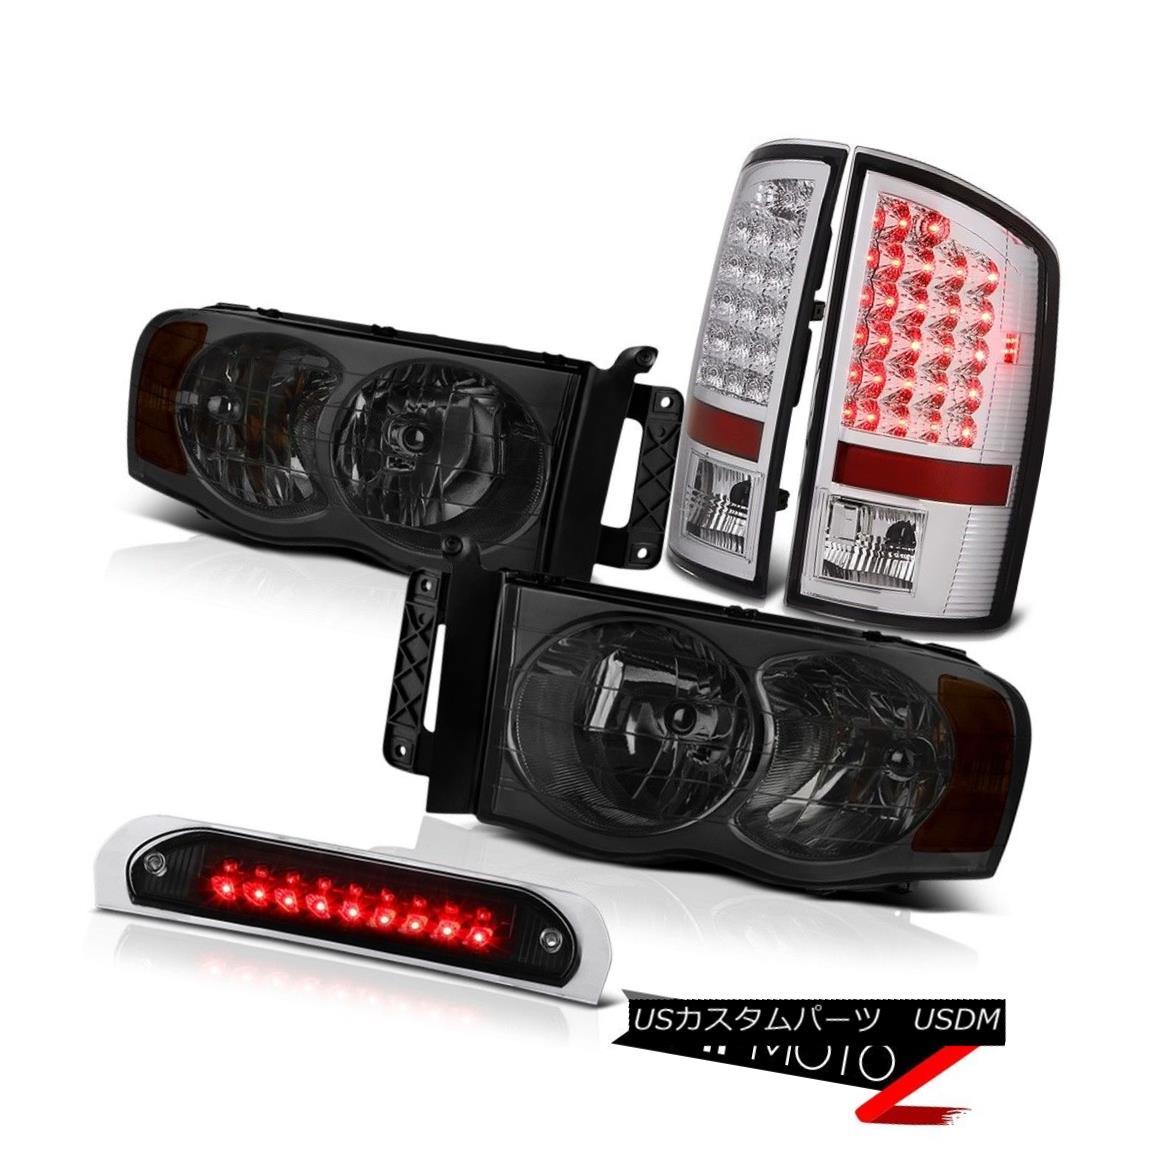 車用品 バイク用品 >> パーツ ライト ランプ テールライト L+R Smoke Headlights SMD Rear 流行 Tail 05 Black 03 RスモークヘッドライトSMDリアテールライトブラック3rd Ram L Dodge Lights + 04 気質アップ 02 3rd LED